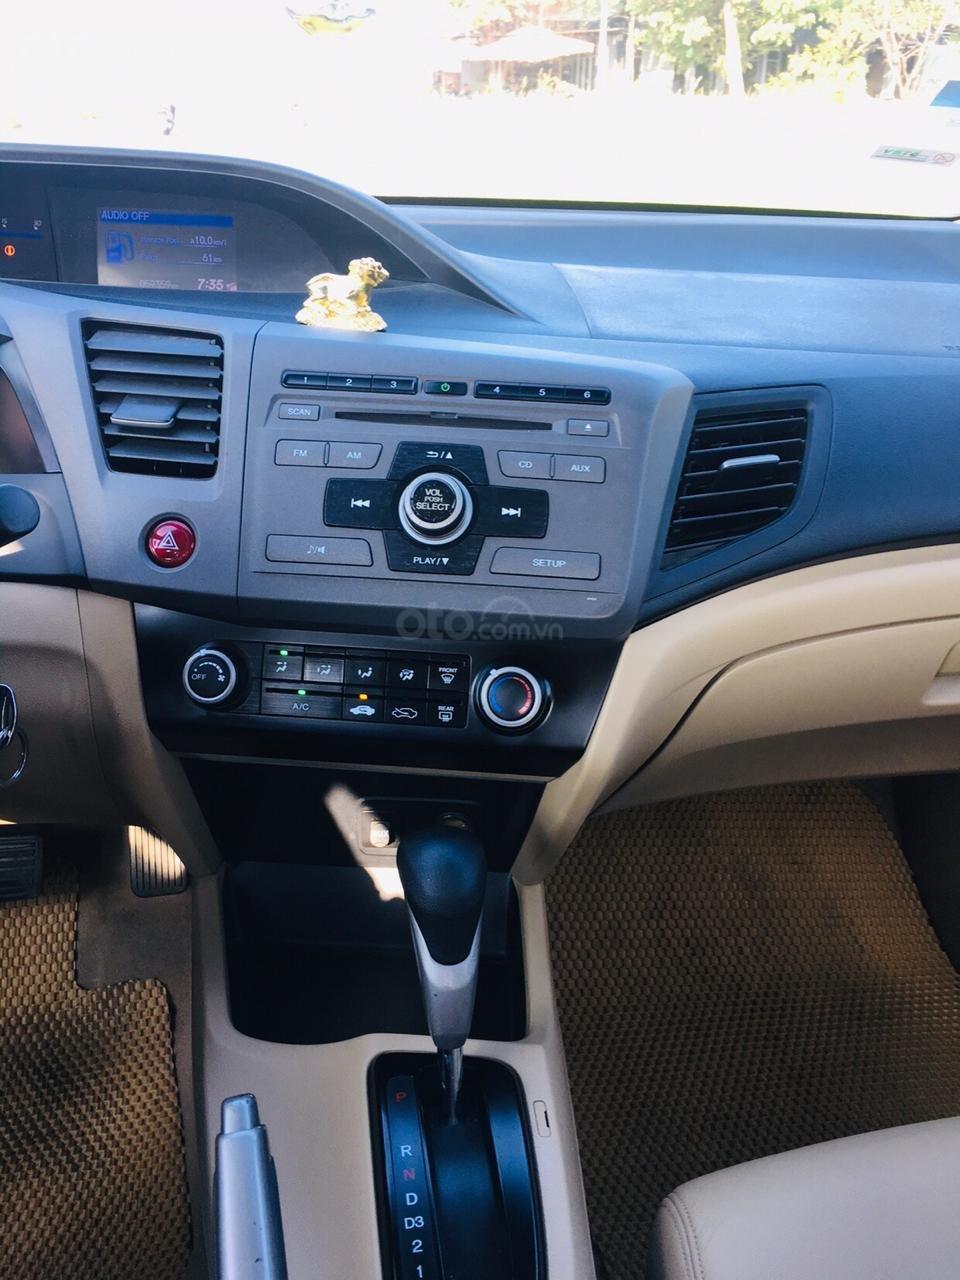 Honda Civic xe nhà, giữ cẩn thận, đẹp như mới mua-2